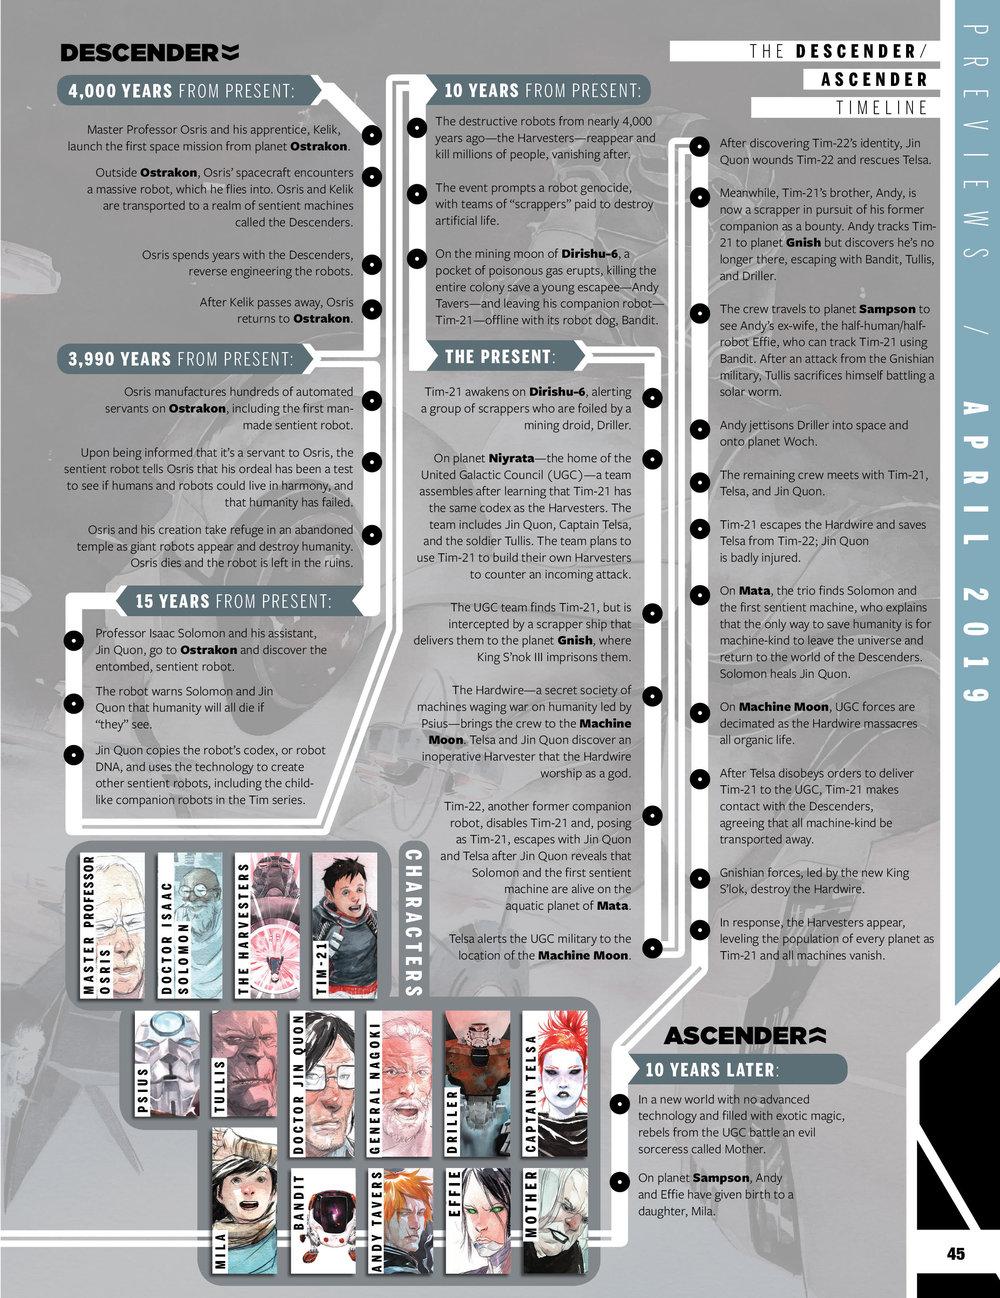 Descender  timeline infographic